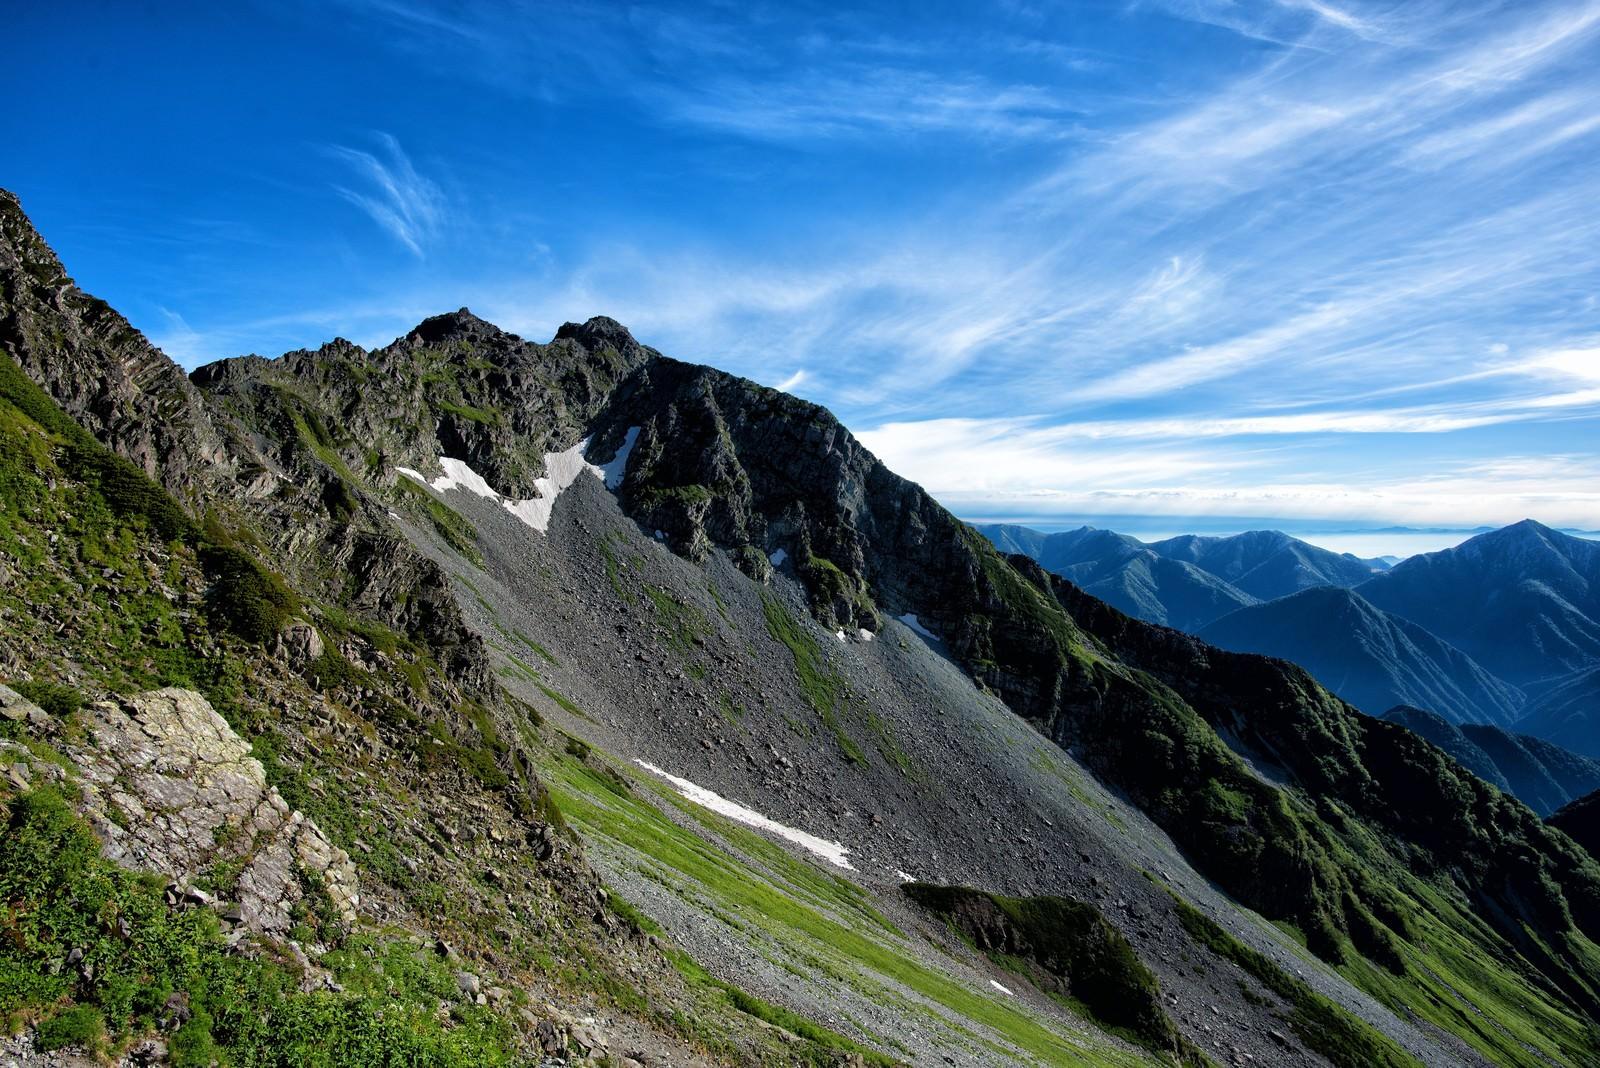 「ザイテングラードから望む北穂高岳」の写真